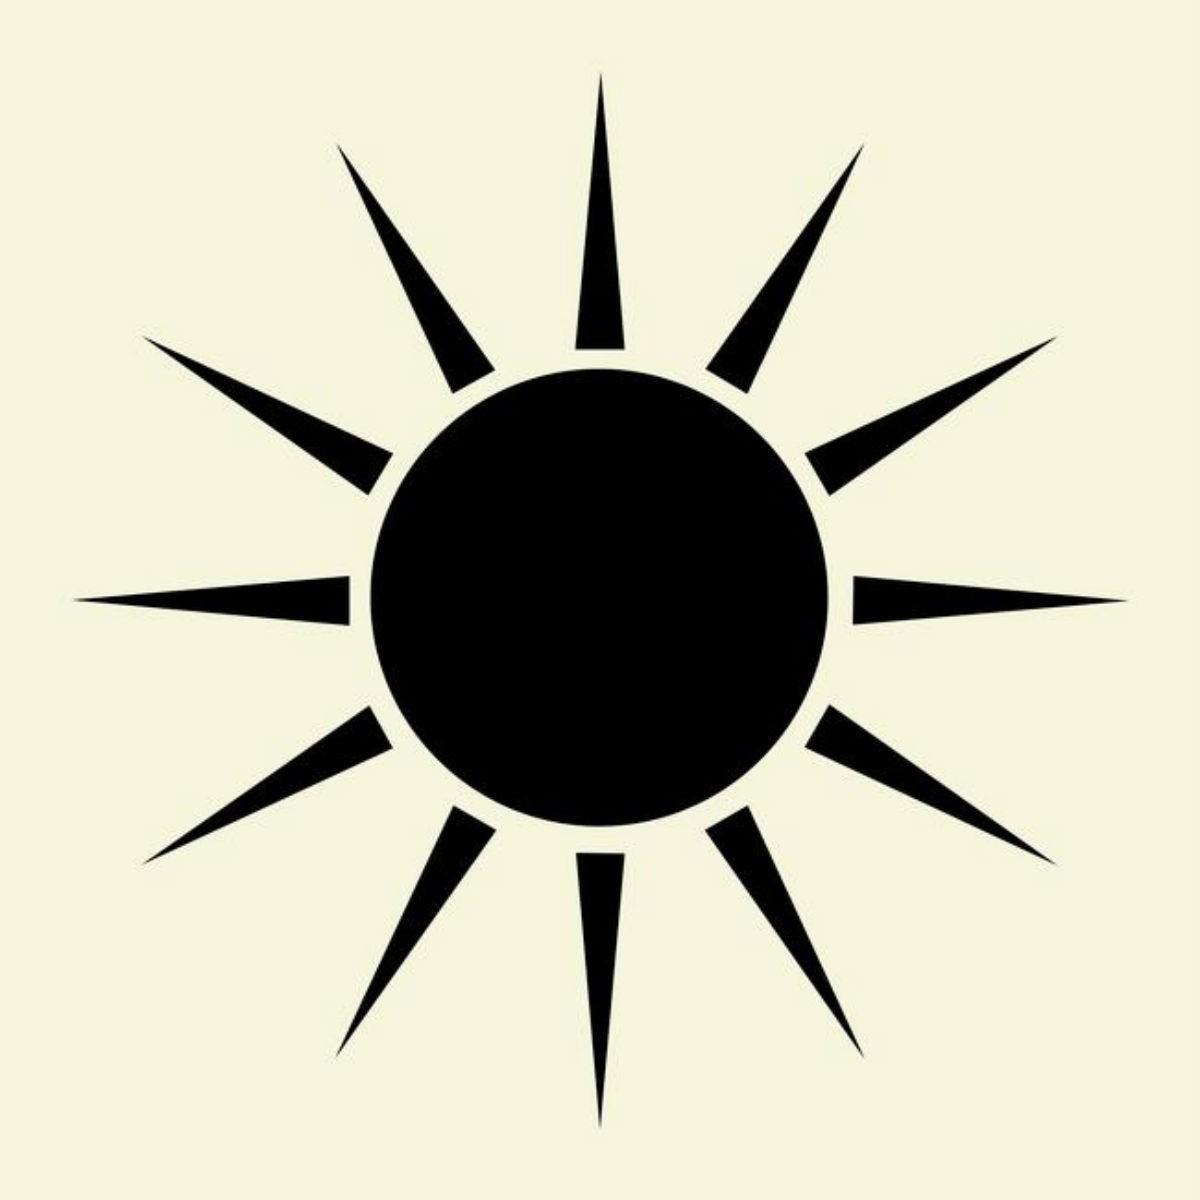 Выберите солнце и узнайте скрытые черты вашего характера